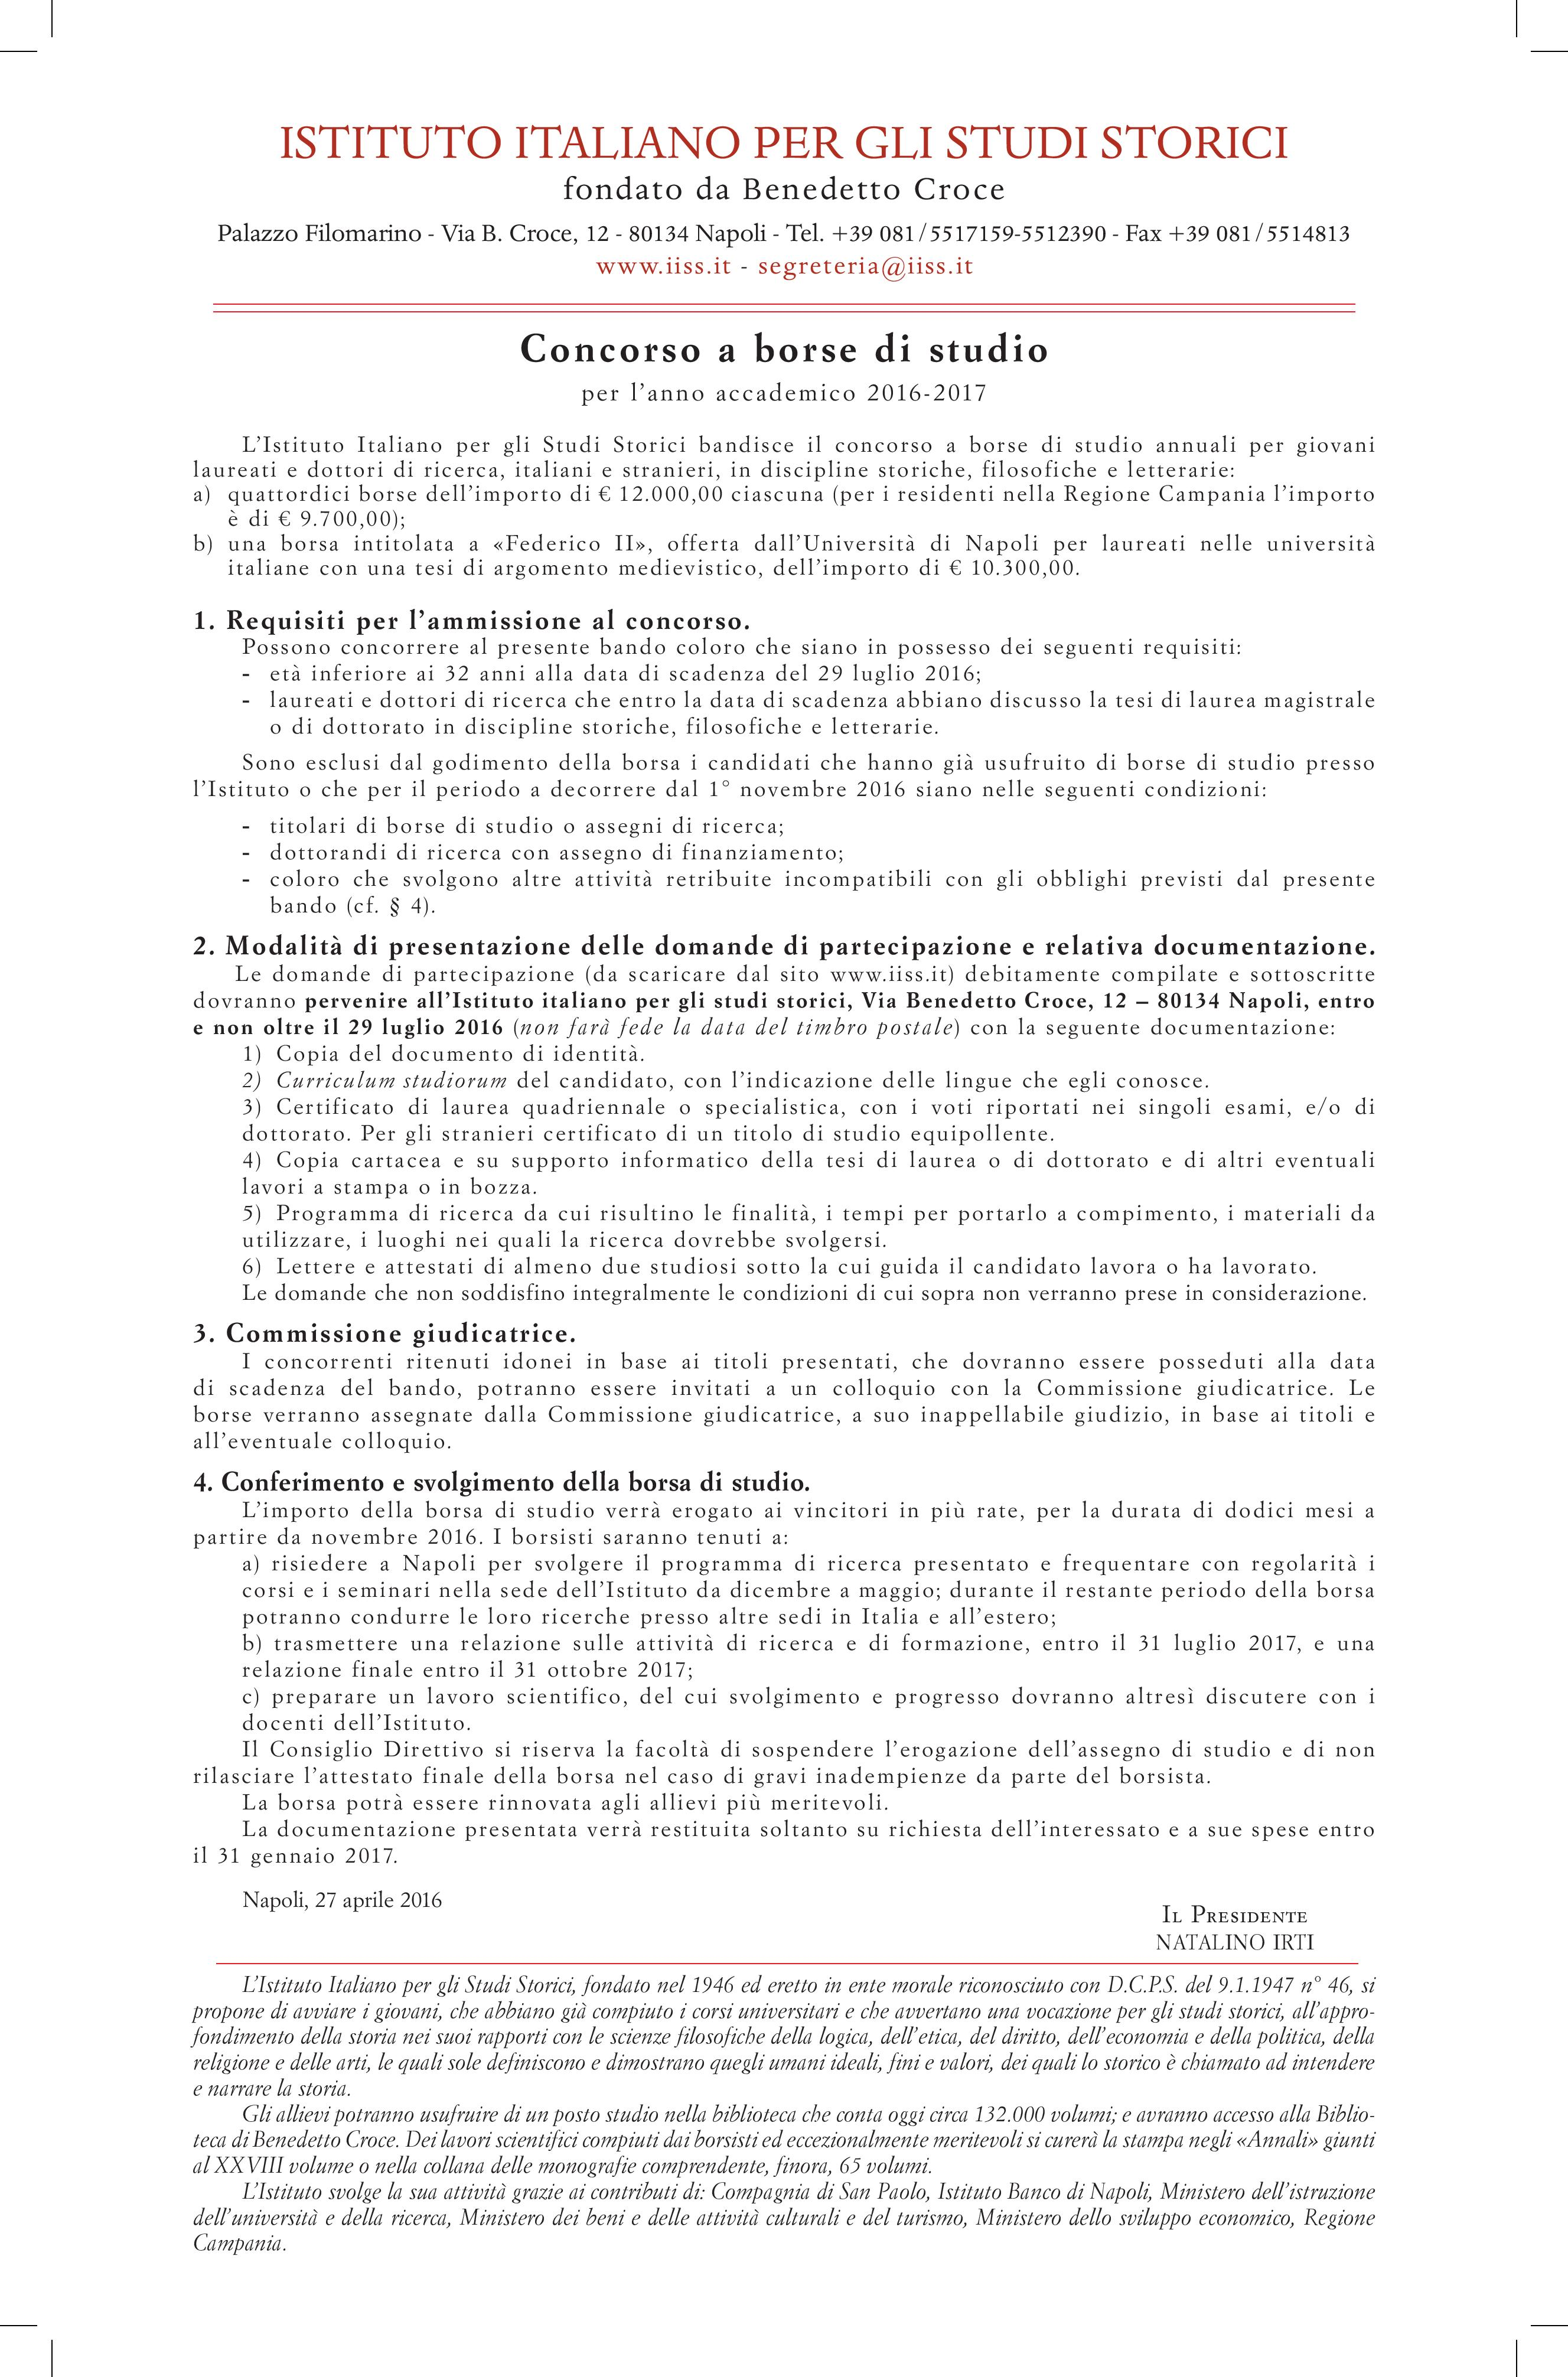 Bando borsa 2016-17-page-001